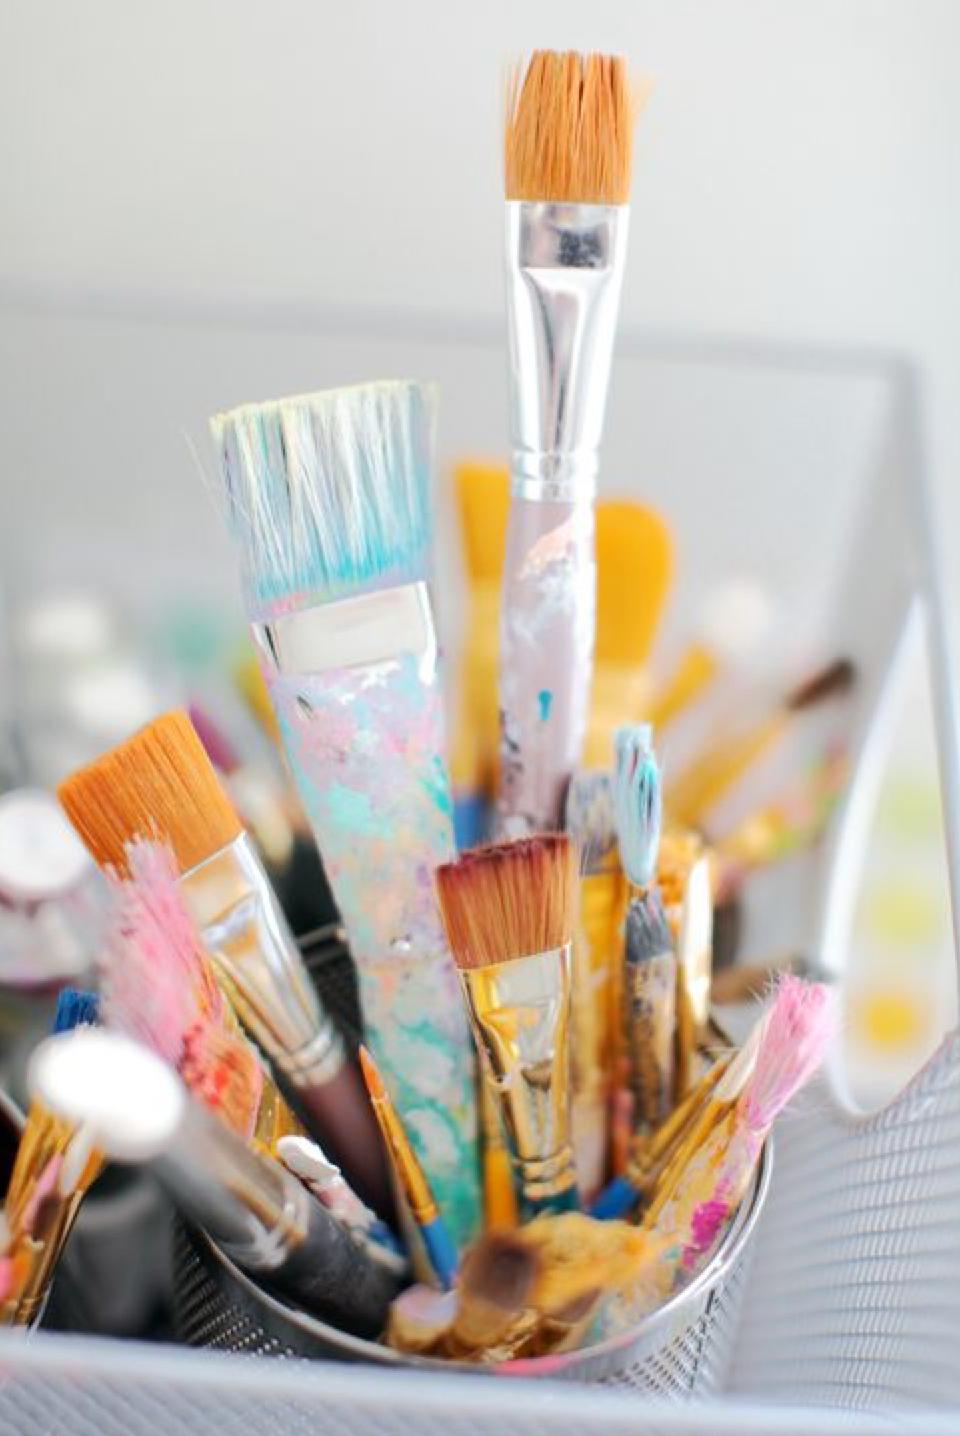 Atelier Künstlerreich